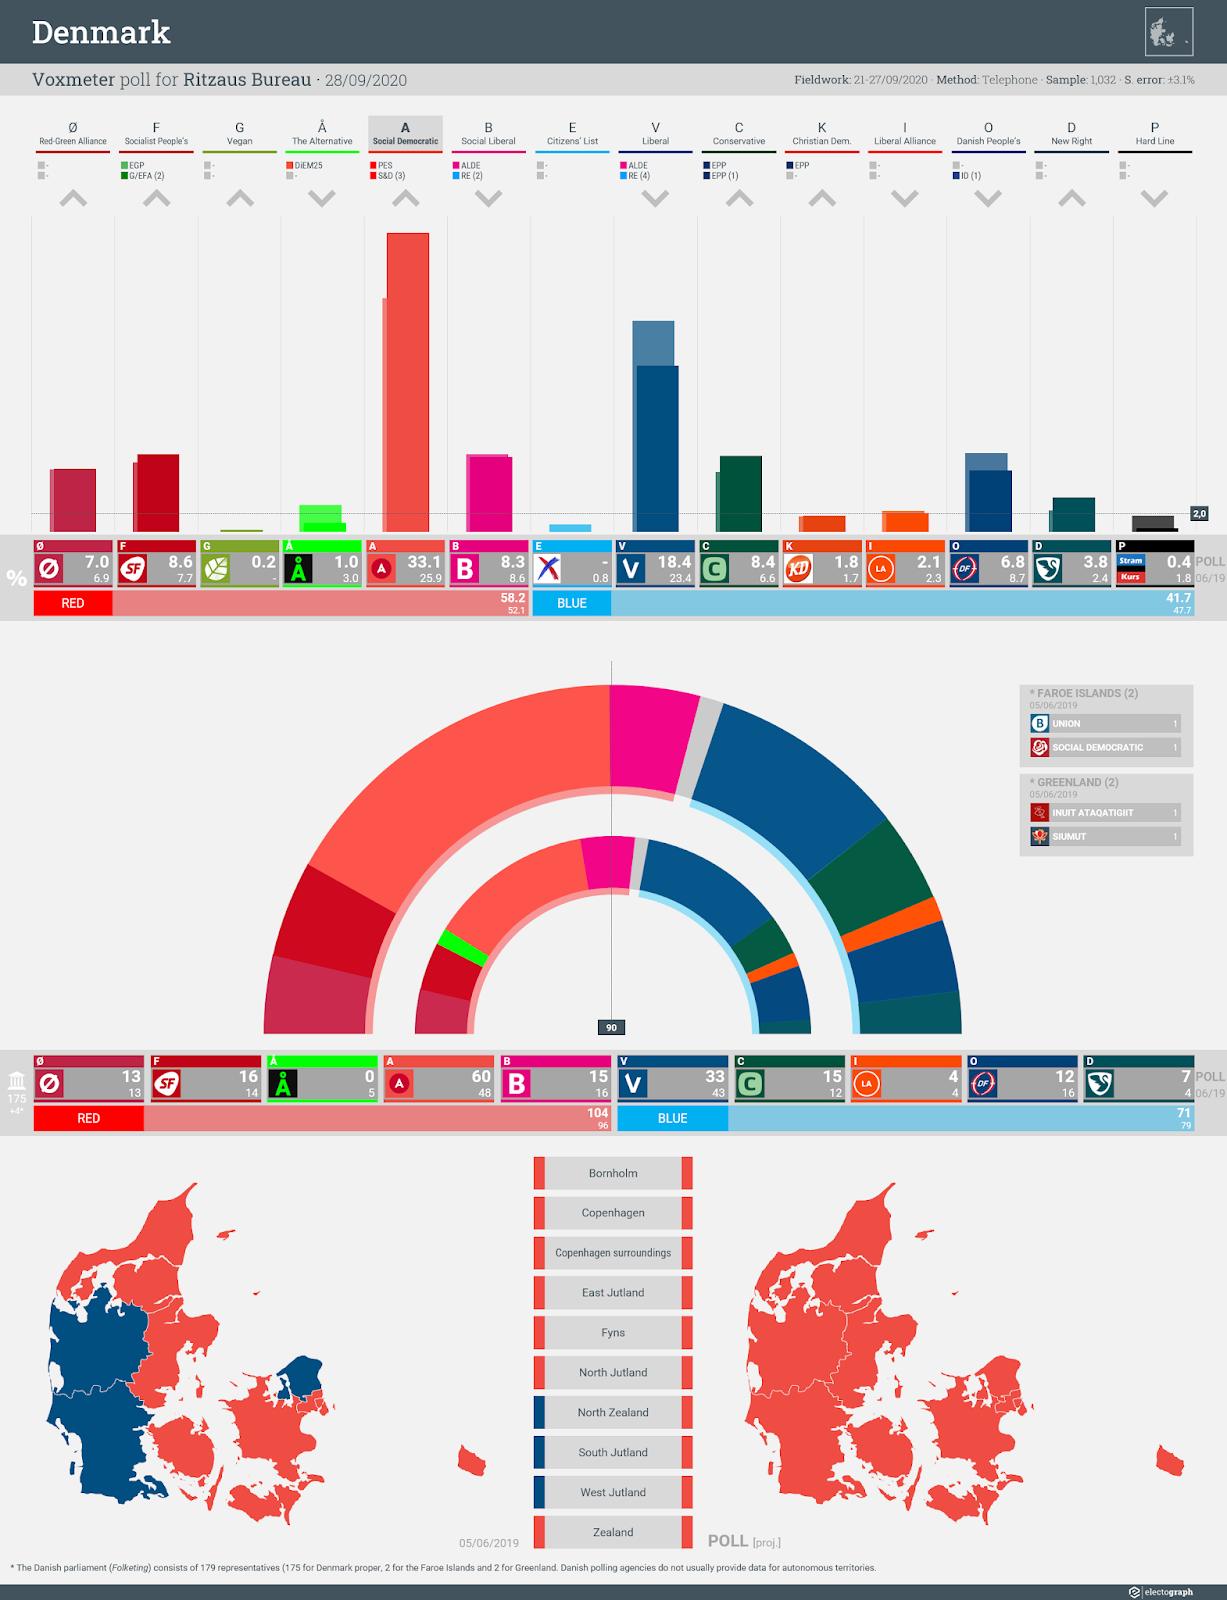 DENMARK: Voxmeter poll chart for Ritzaus Bureau, 28 September 2020